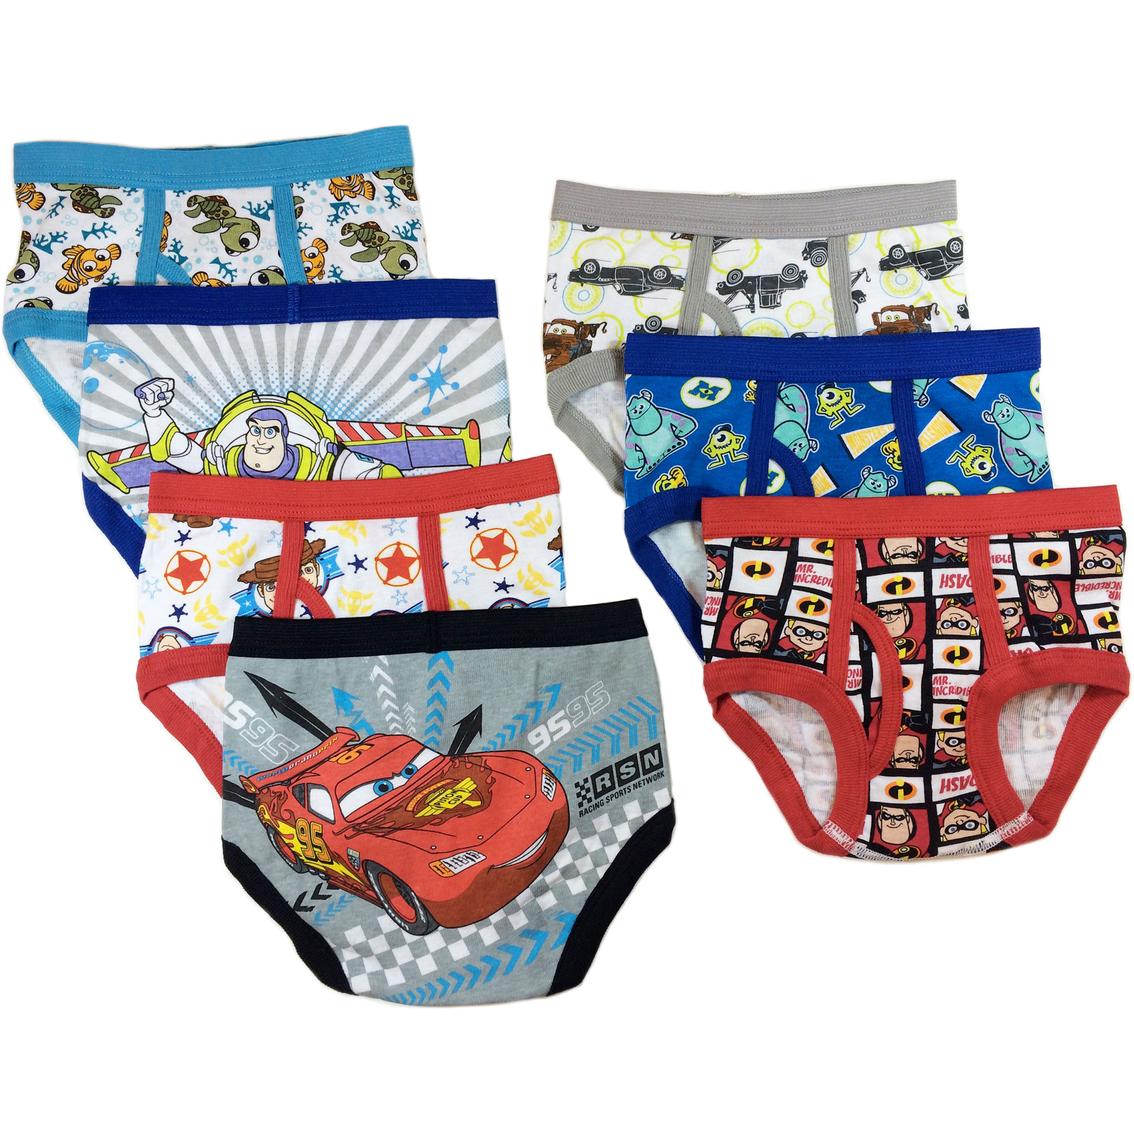 Disney Pixar Toddler Boys Underwear 7 Pk.   Underwear   Apparel ...